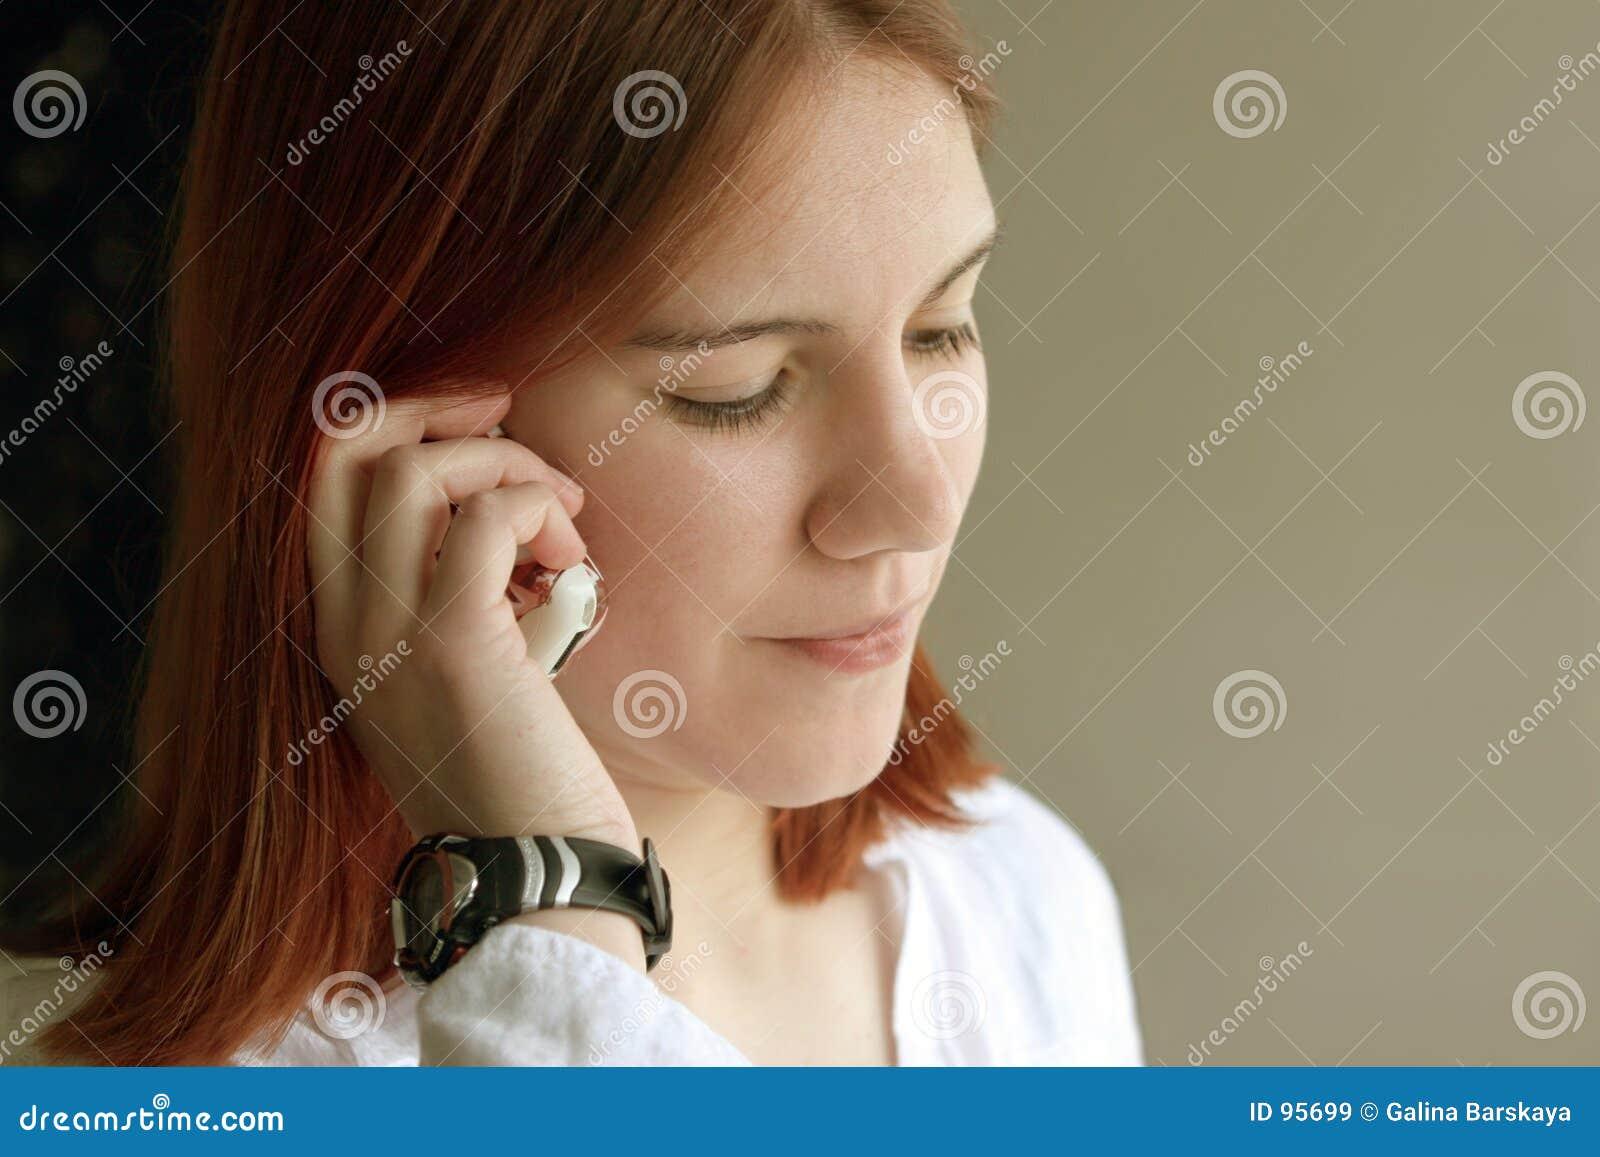 女孩电话红头发人